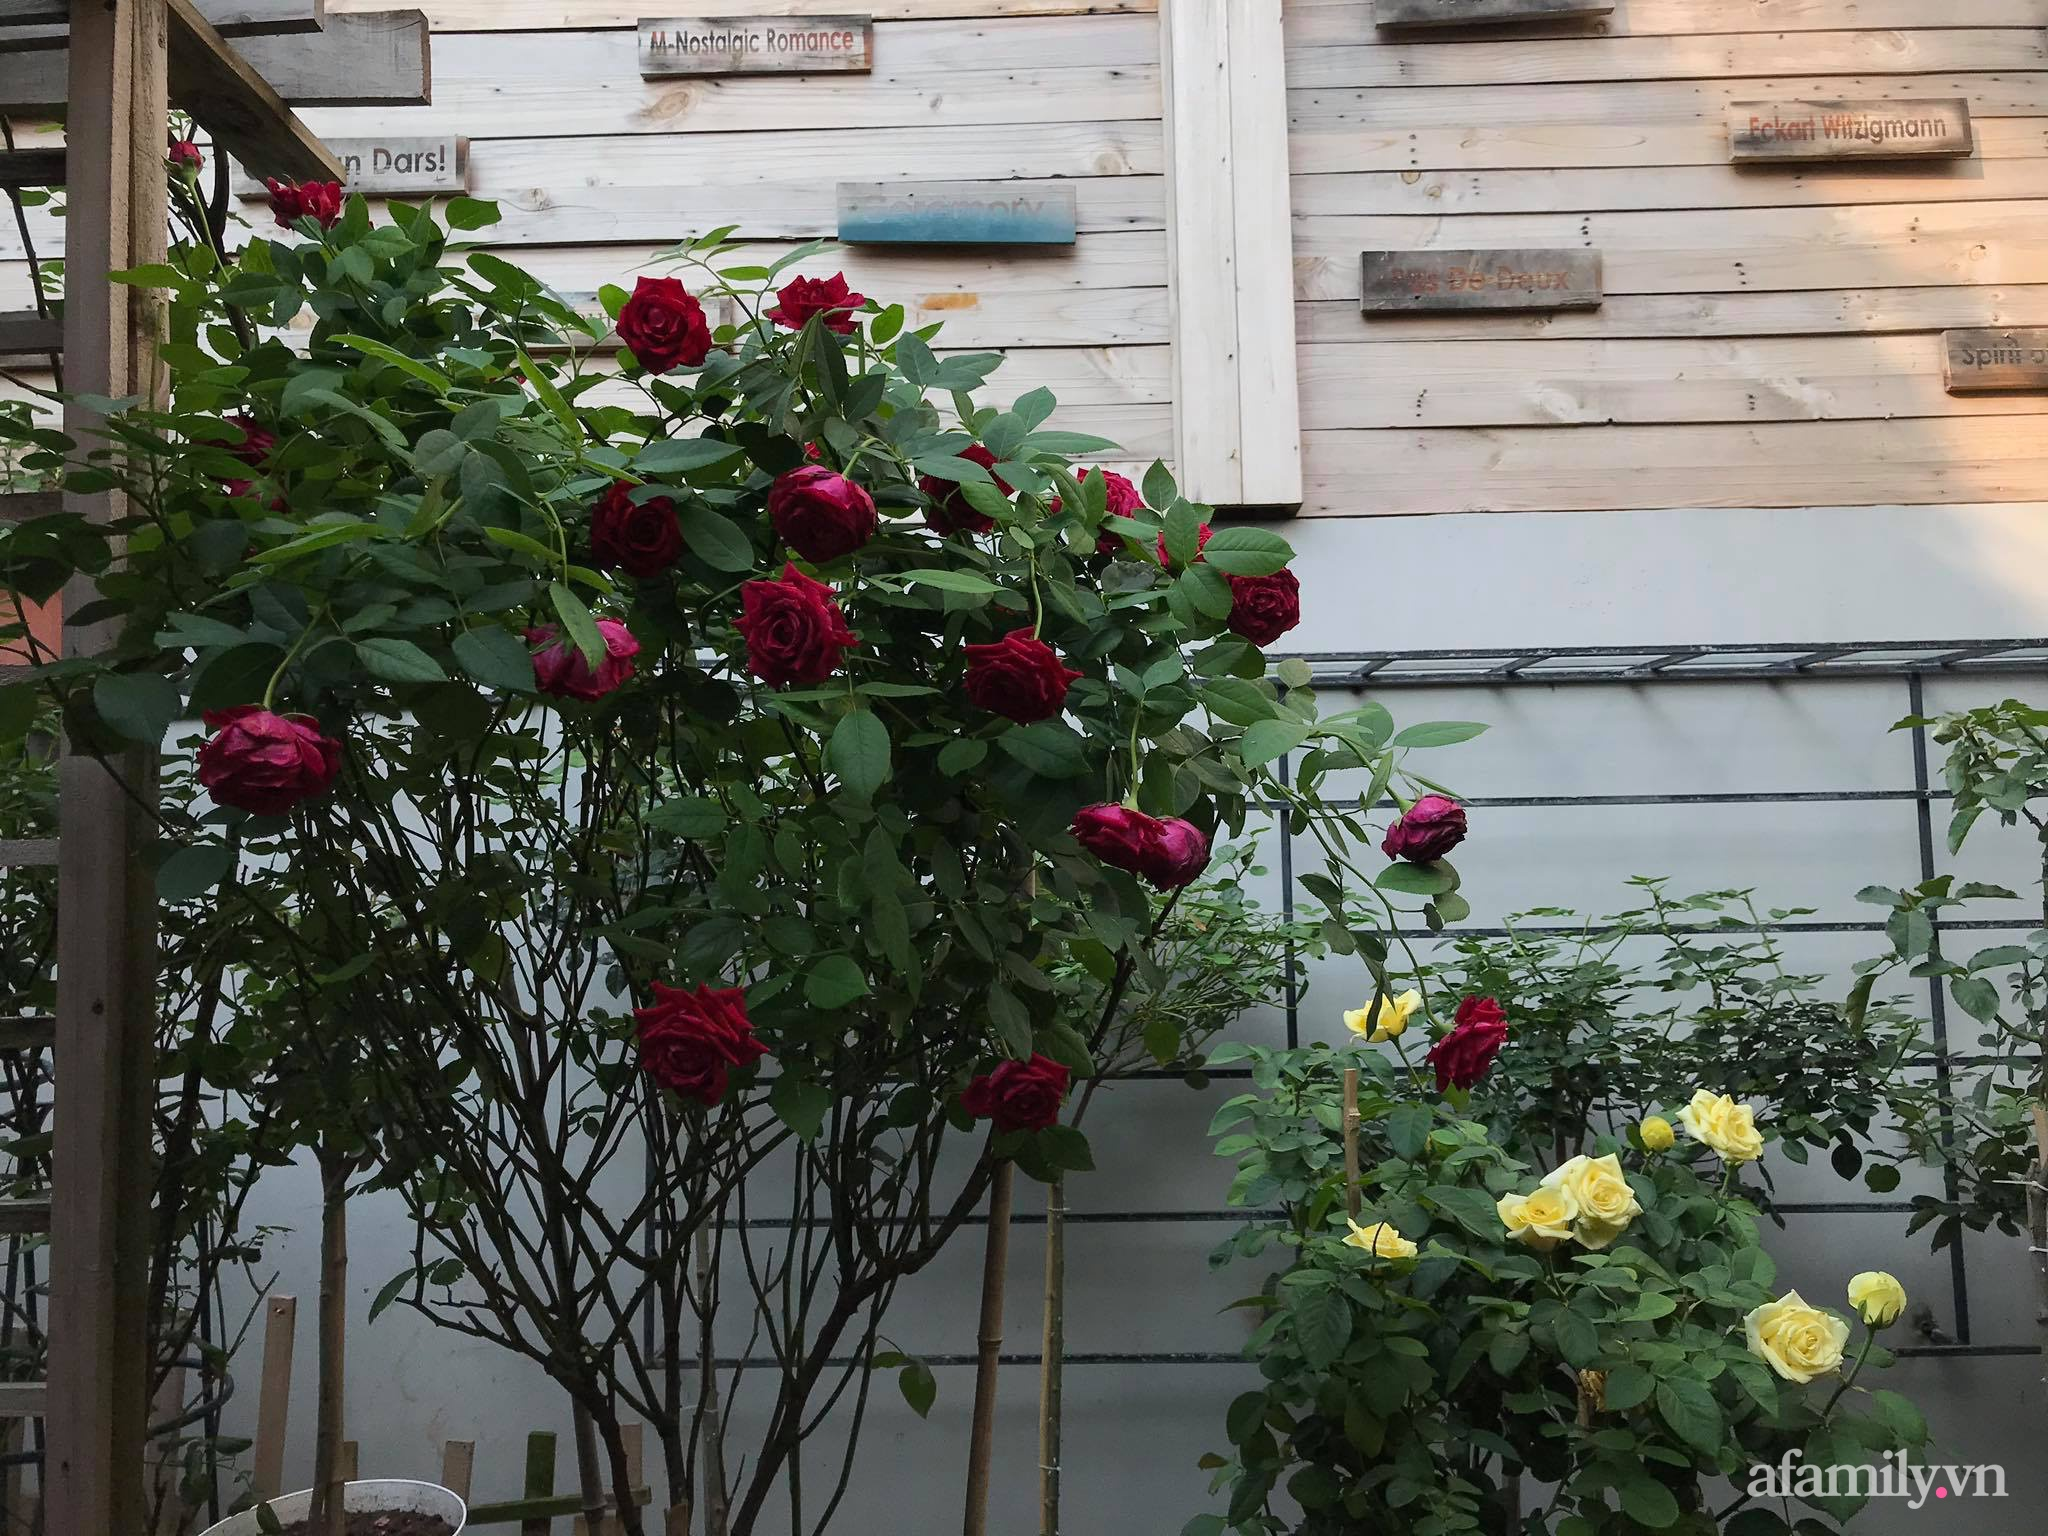 Vườn hồng rực rỡ tỏa sắc hương trước sân nhà đón hè sang của cặp vợ chồng trẻ Sải Gòn - Ảnh 11.